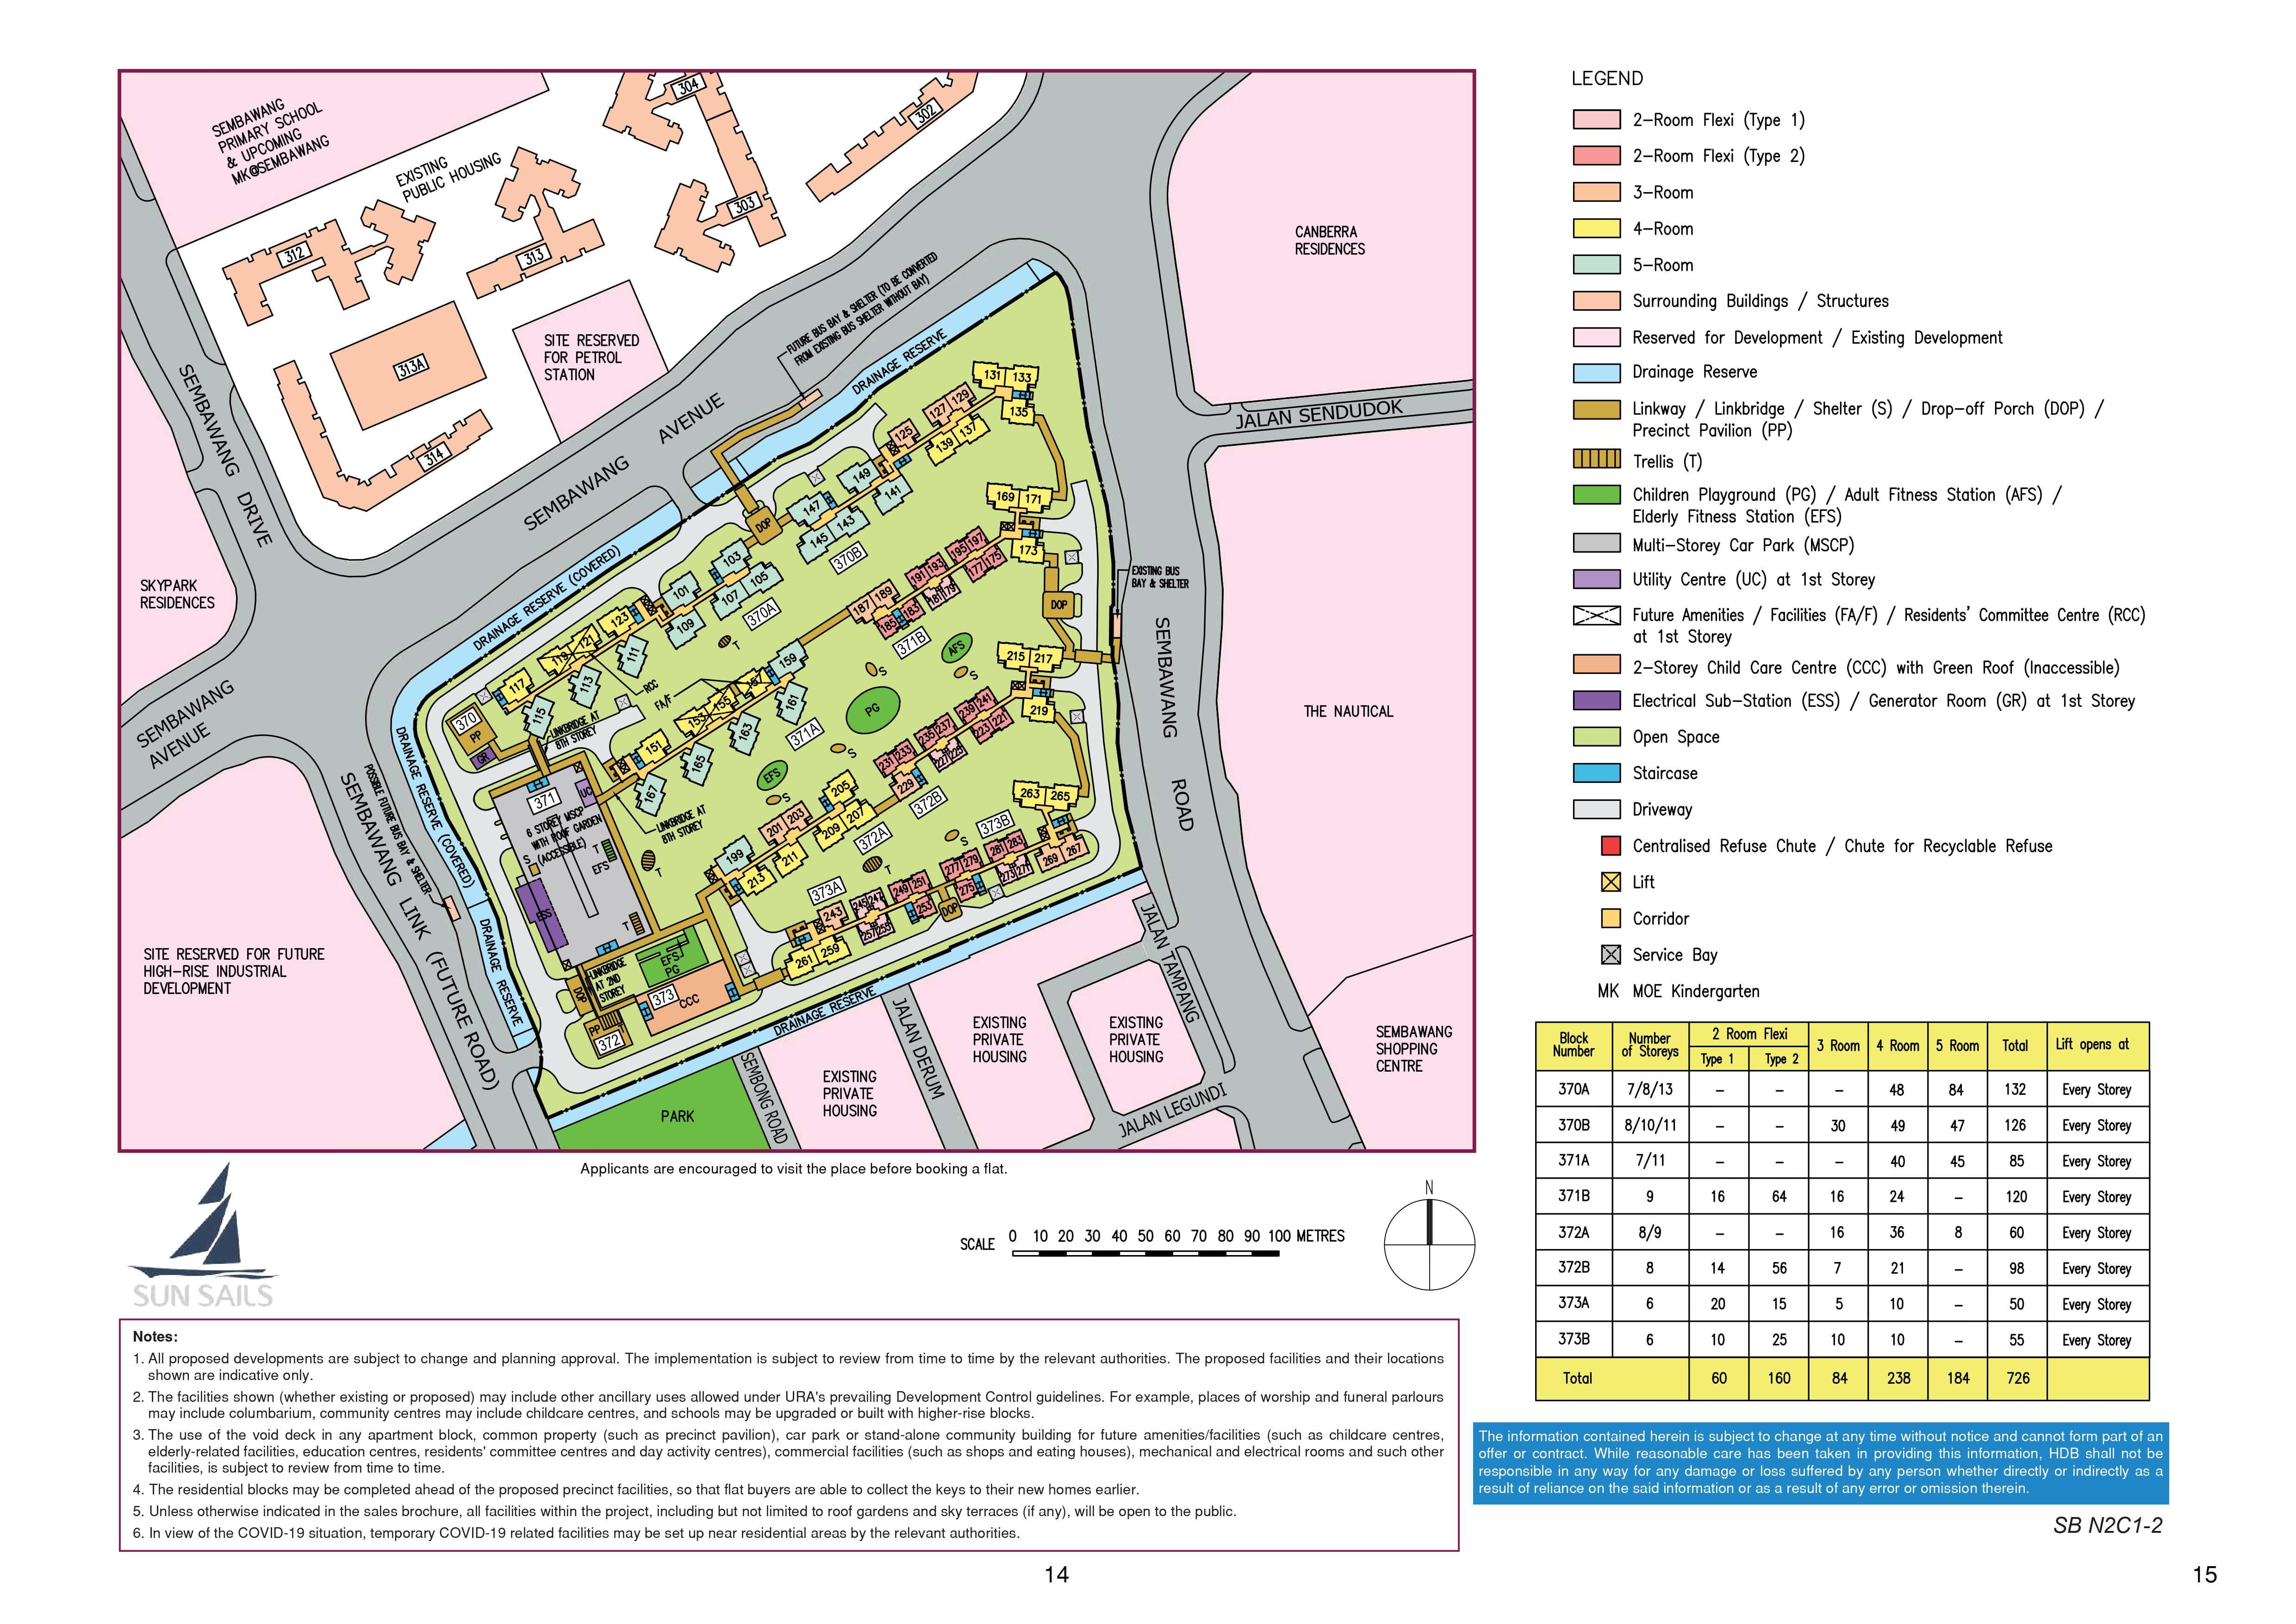 Sun Sails Site Plan